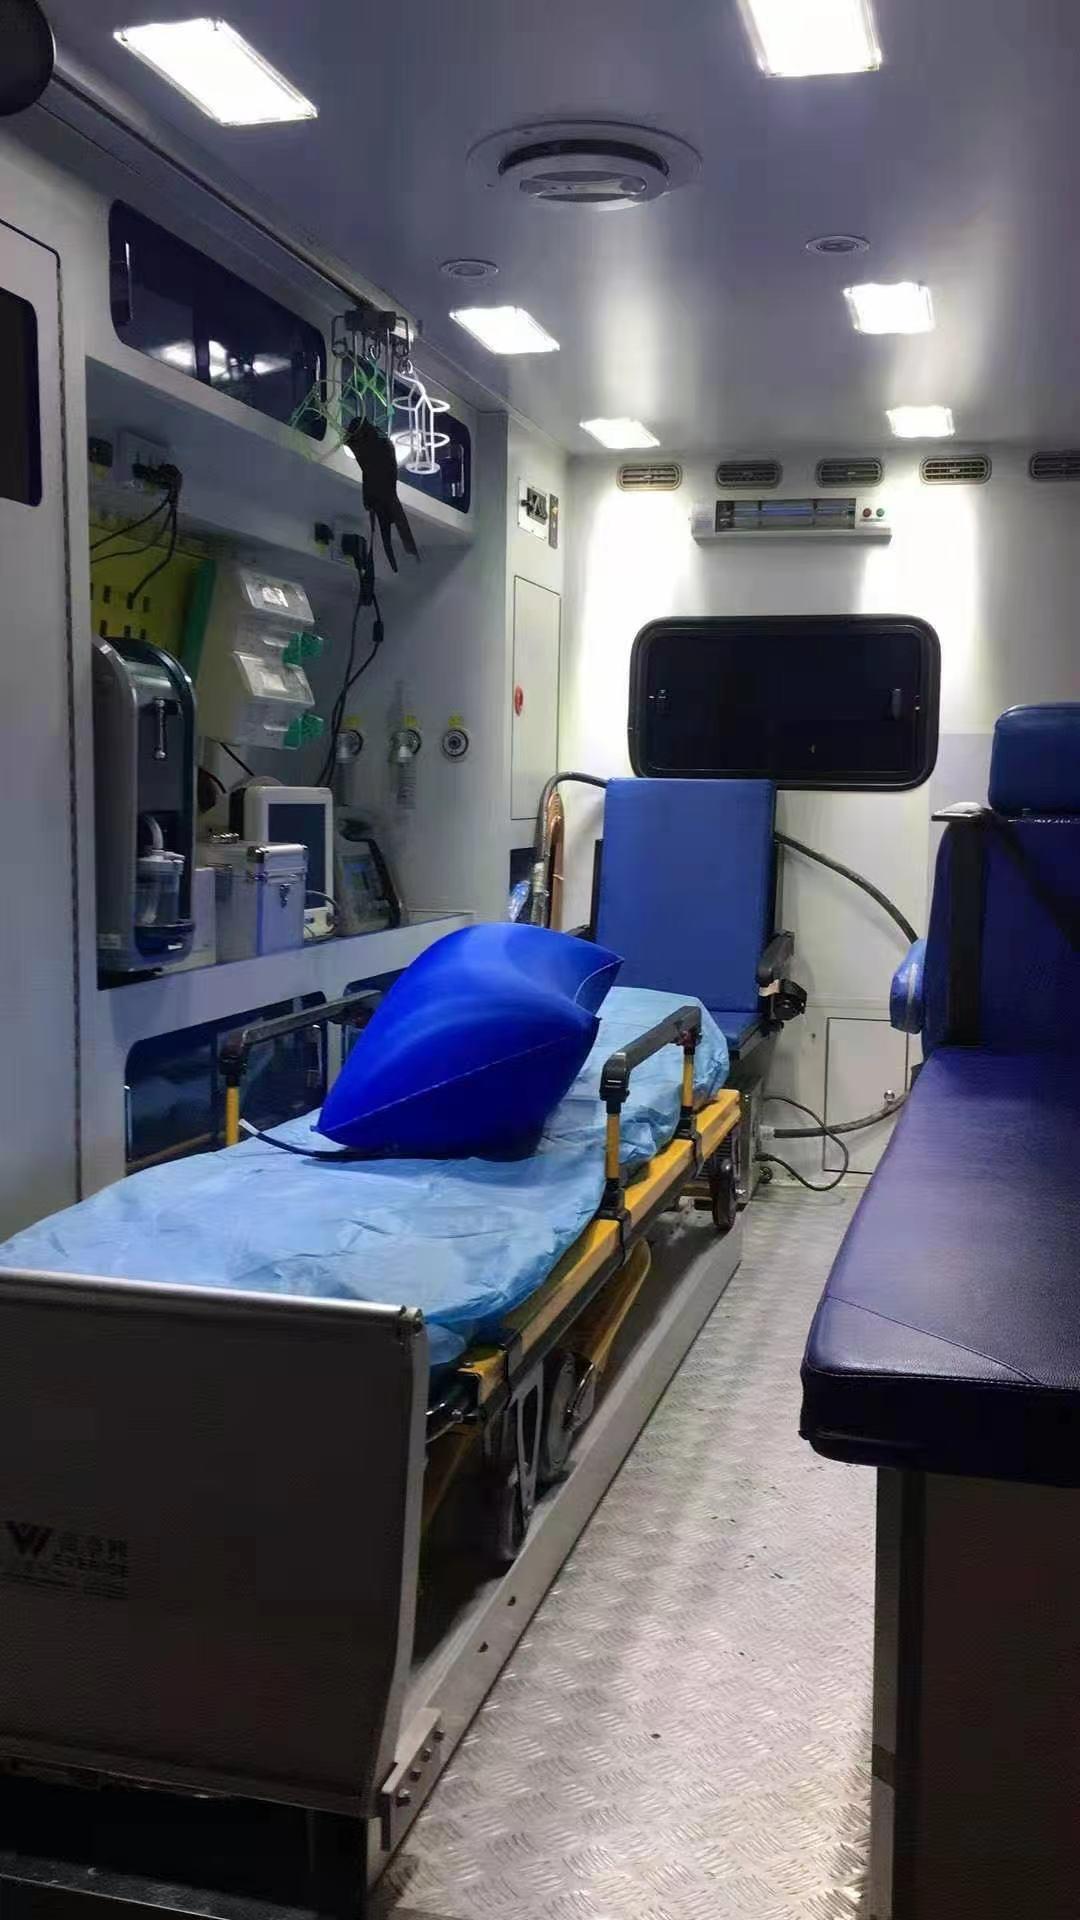 曲靖长途120救护车(24小时)租赁—全国各地均可转运